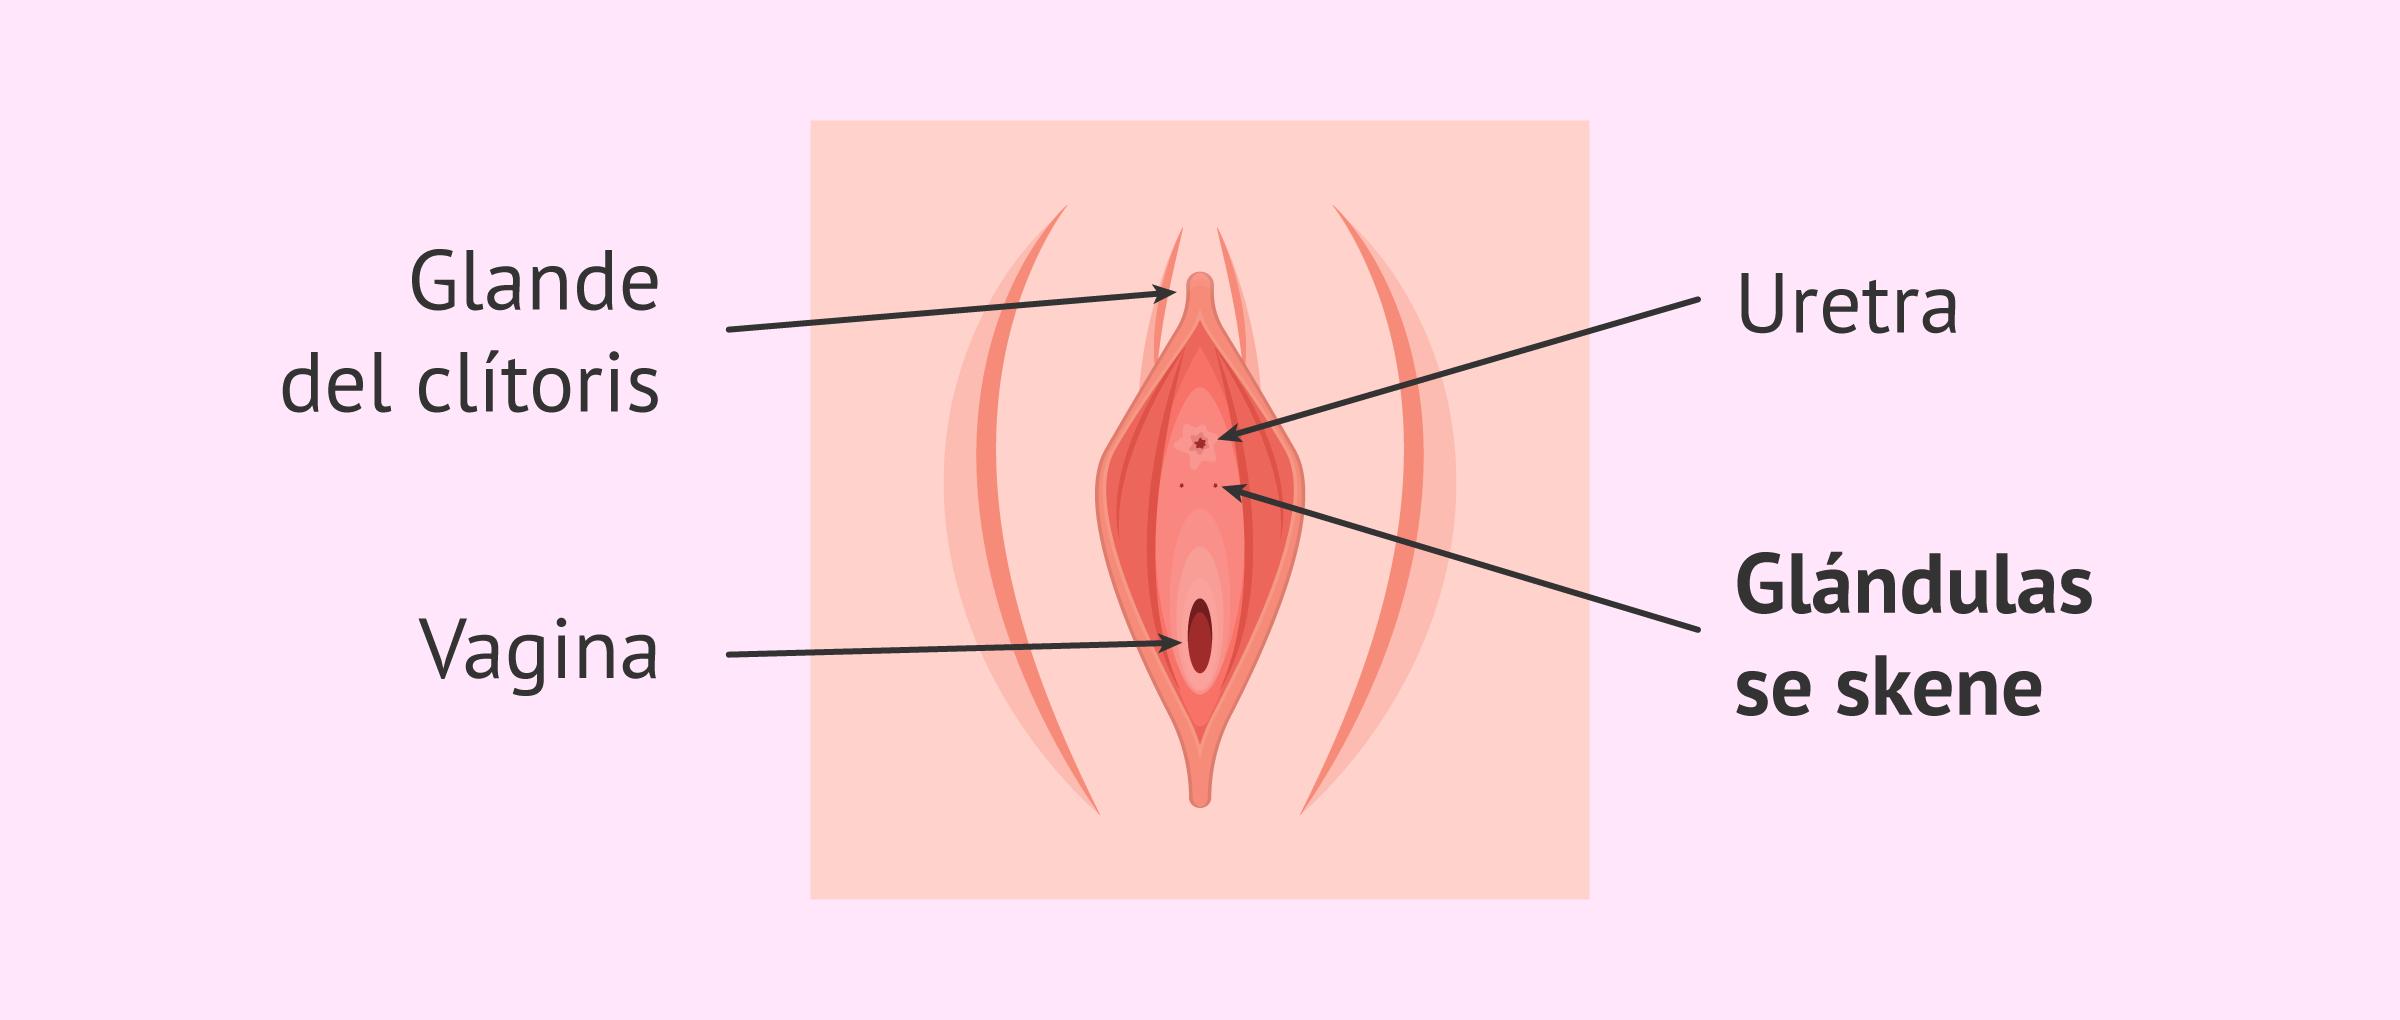 glandulas-de-skene